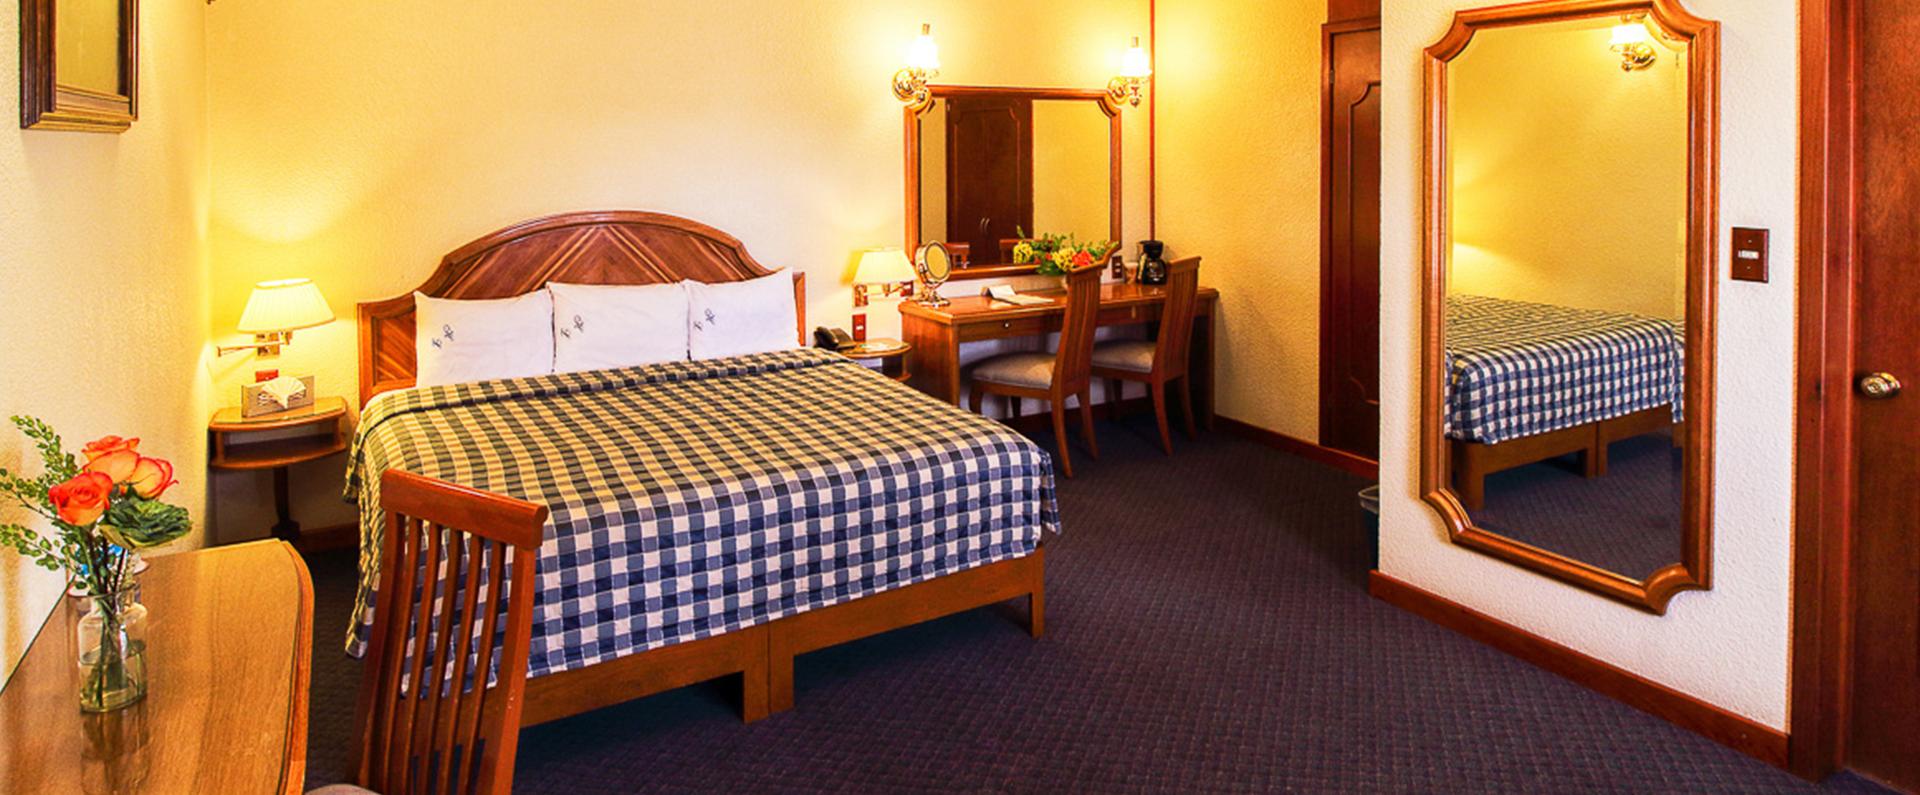 Hotel en Puebla